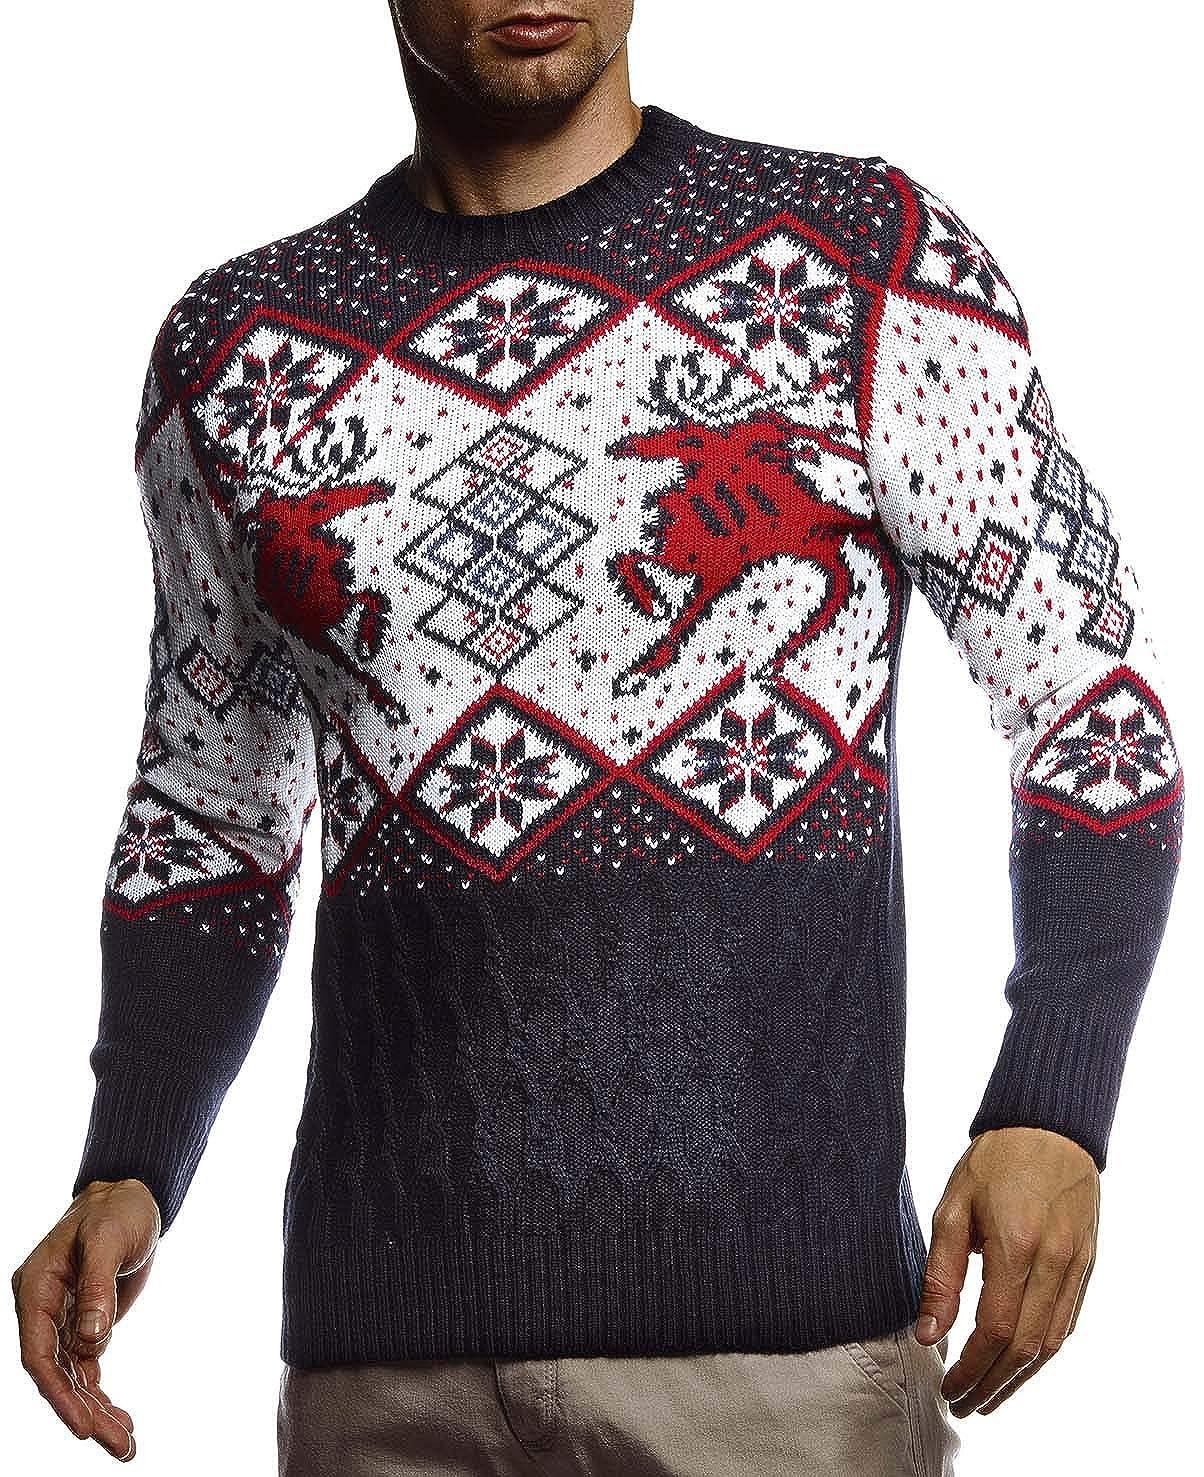 Invernale per Natale Slim Fit Modello Norvegese Leif Nelson LN20761 Collo Rotondo Maglione da Uomo in Maglia Norvegese con Collo Rotondo Inverno